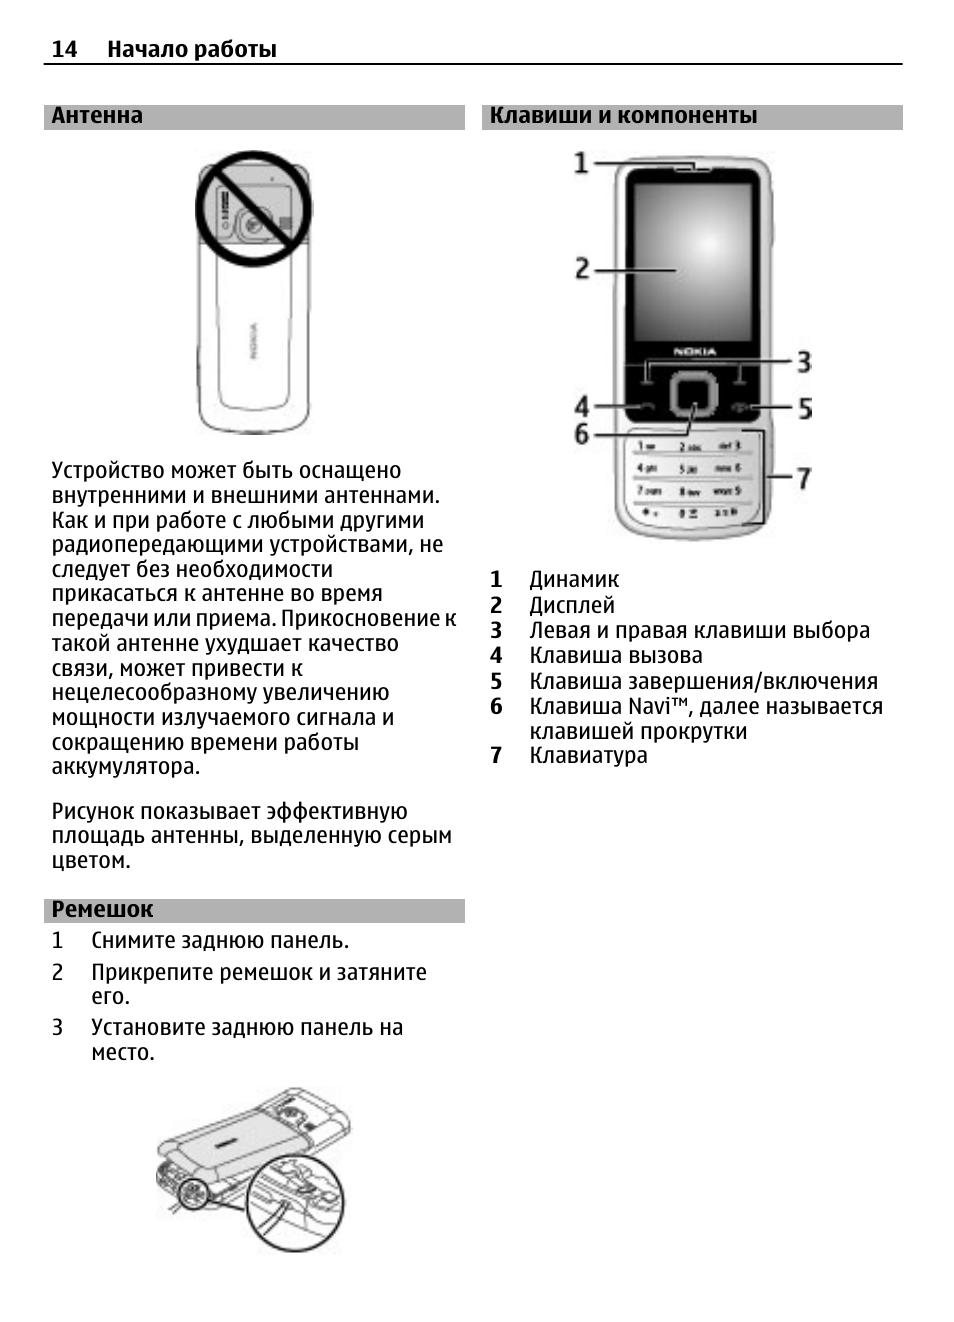 инструкция к сотовому телефону нокиа 6700 классик